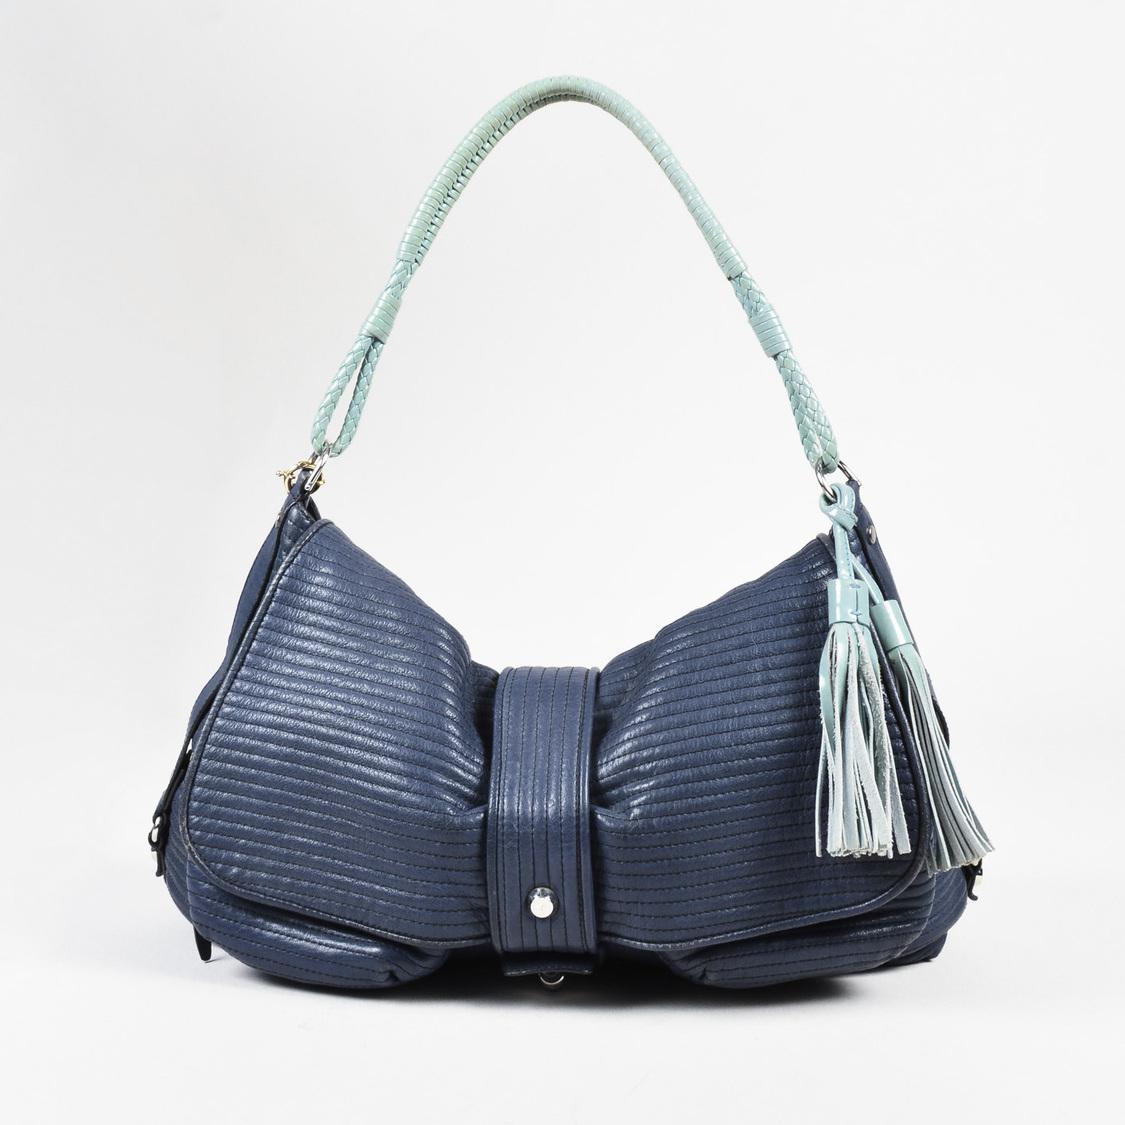 Lanvin Blue   Mint Green Quilted Leather Fringe Tassel Shoulder Bag ... db9509033630b